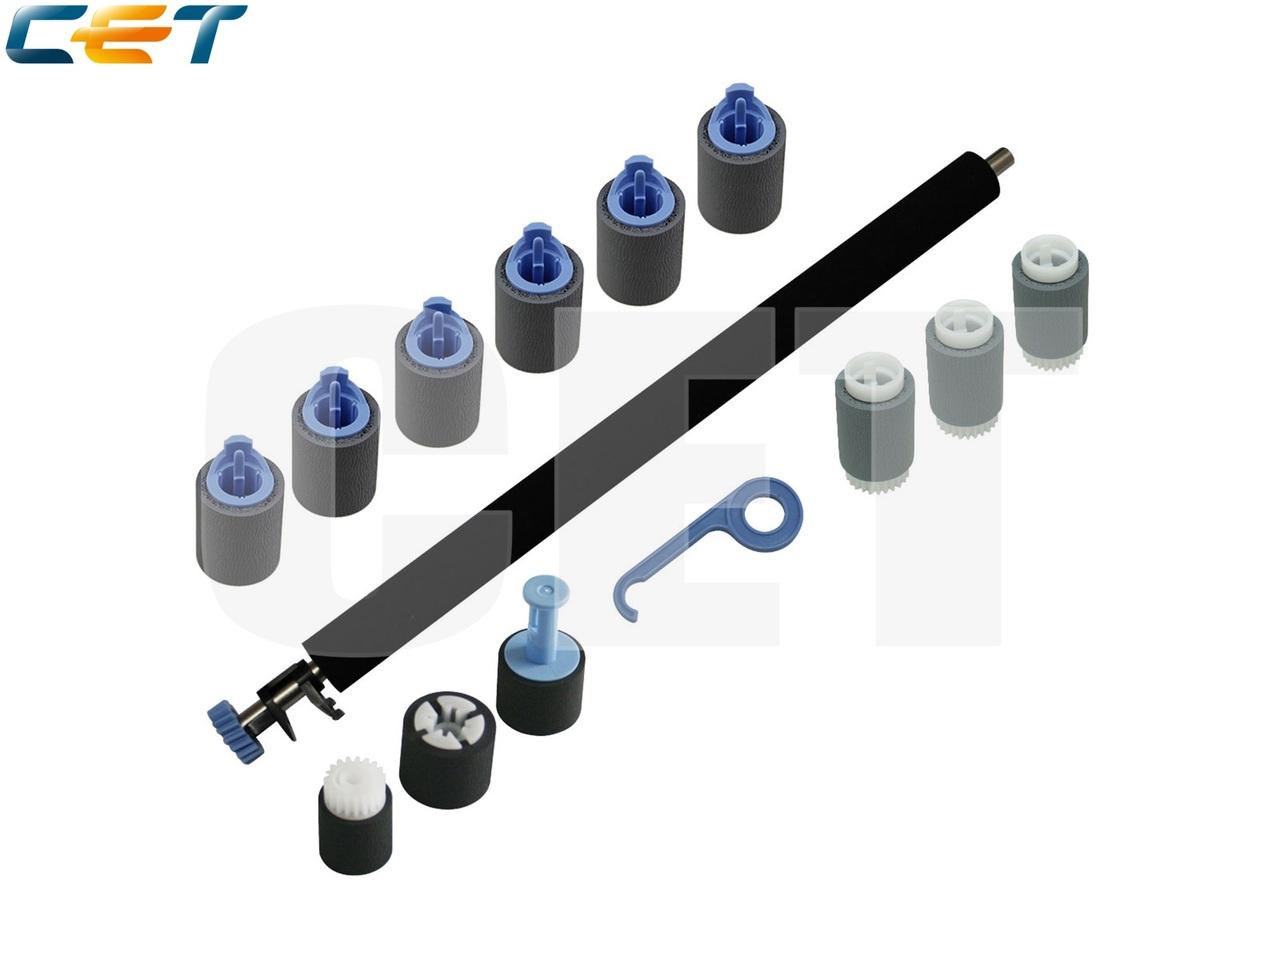 Комплект роликов RM1-5462 (1 шт.), RM1-0036 (3 шт.),RM1-0037 (6 шт.), CB506-67905 (1 шт.) для LaserJetP4014/P4015/P4515, M601/M602/M603 (CET), CET5813A